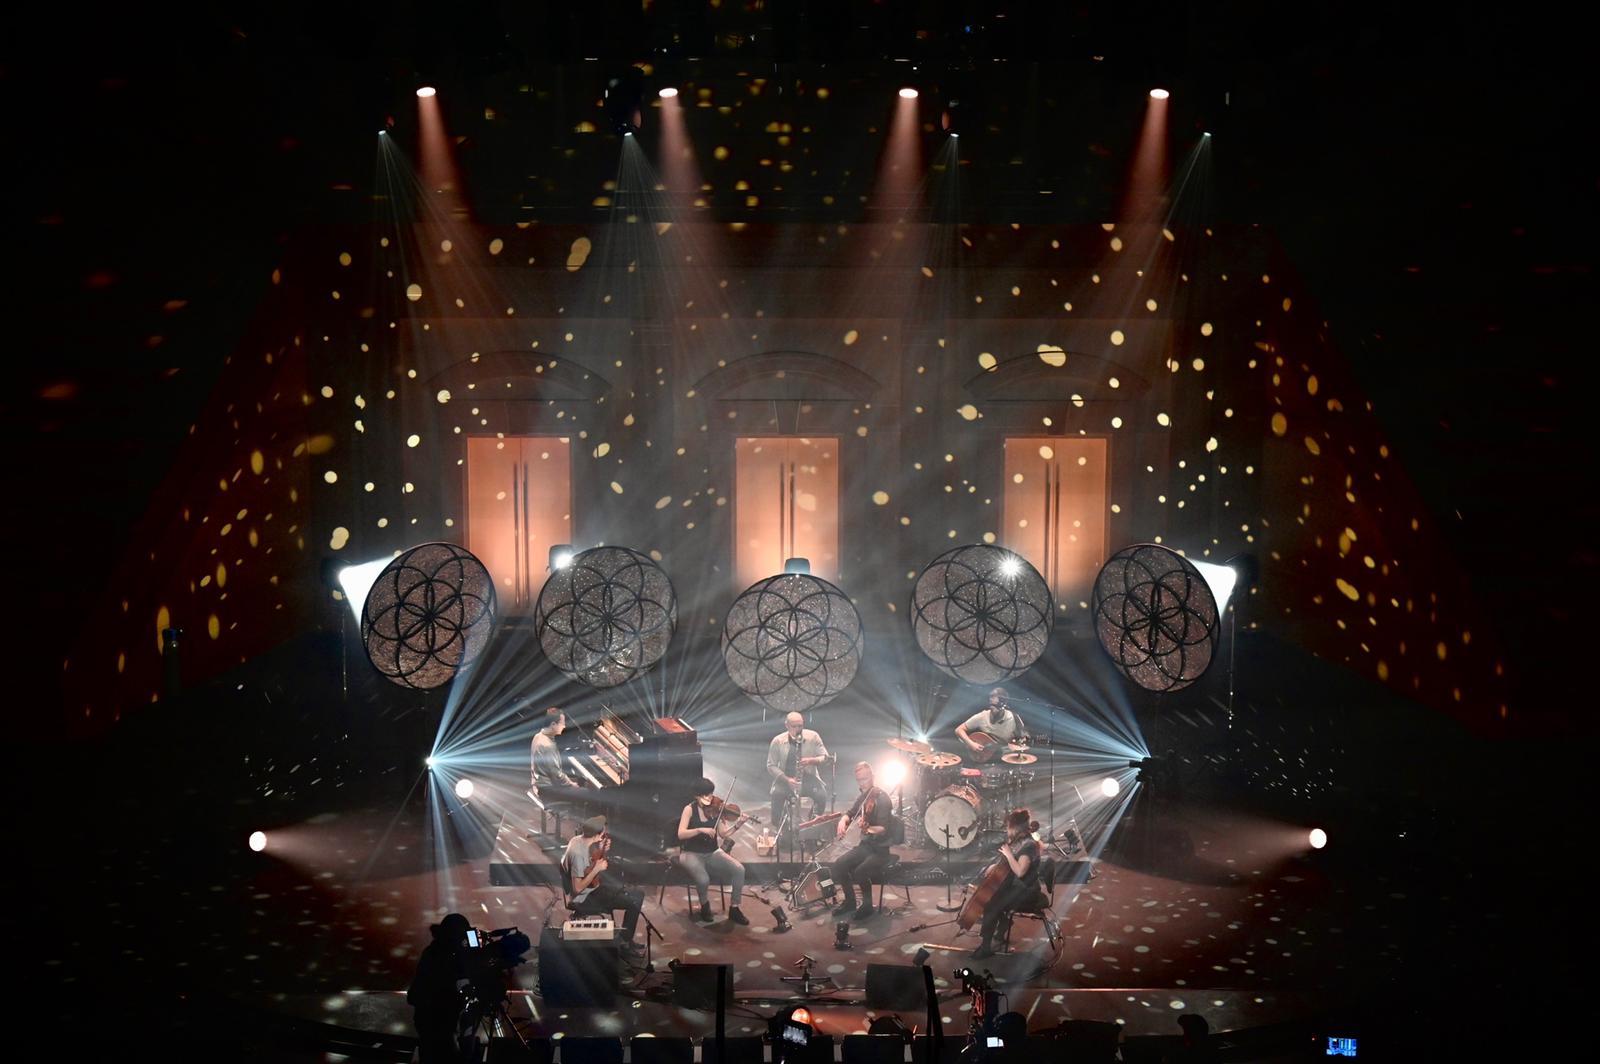 Concert de Chapelier Fou Ensem7e sur Arte Concert